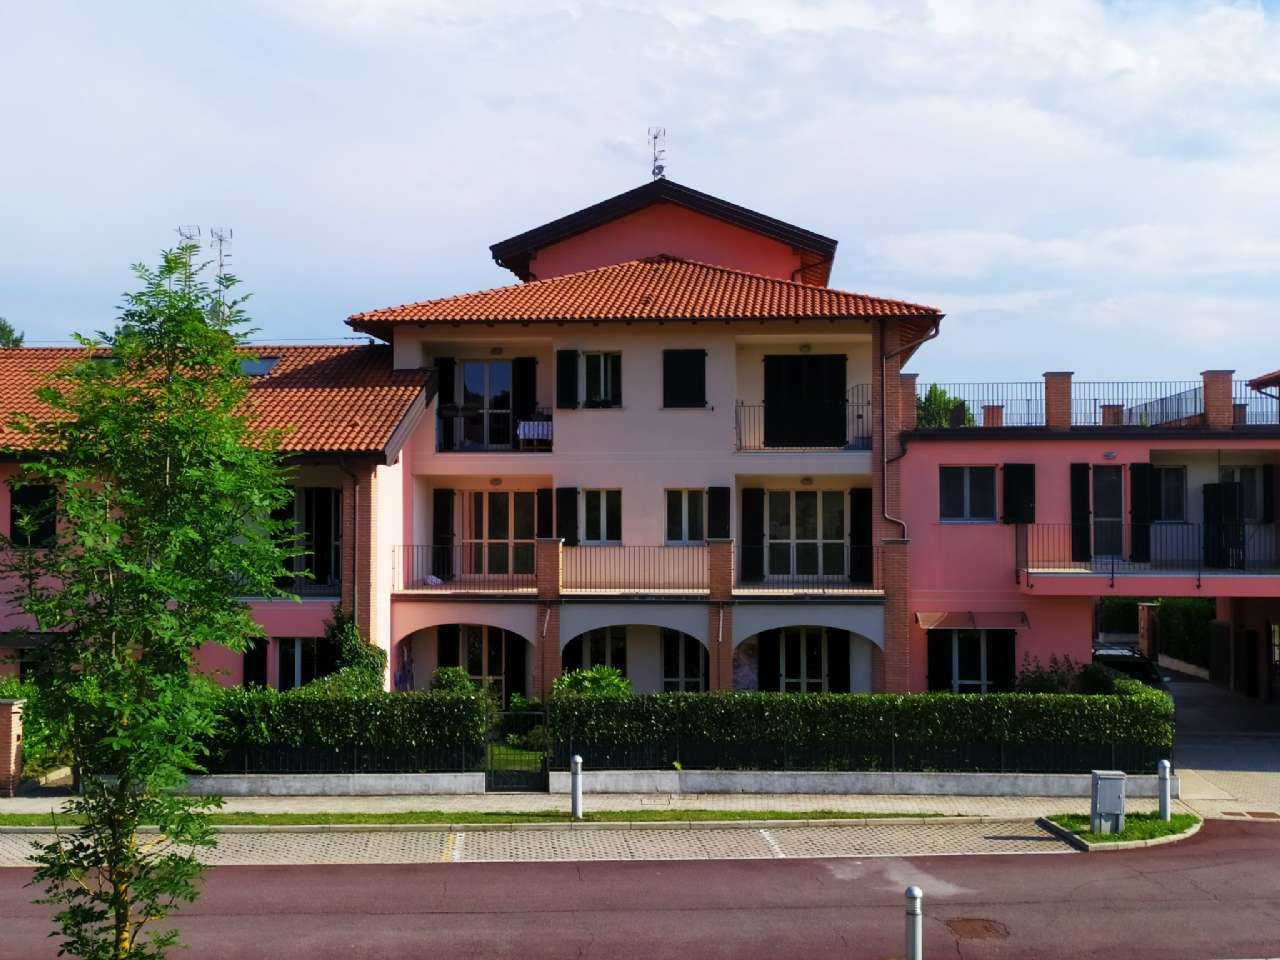 Lissago-Calcinate - Trilocale con ampio terrazzo panoramico e posto auto scoperto, foto 2